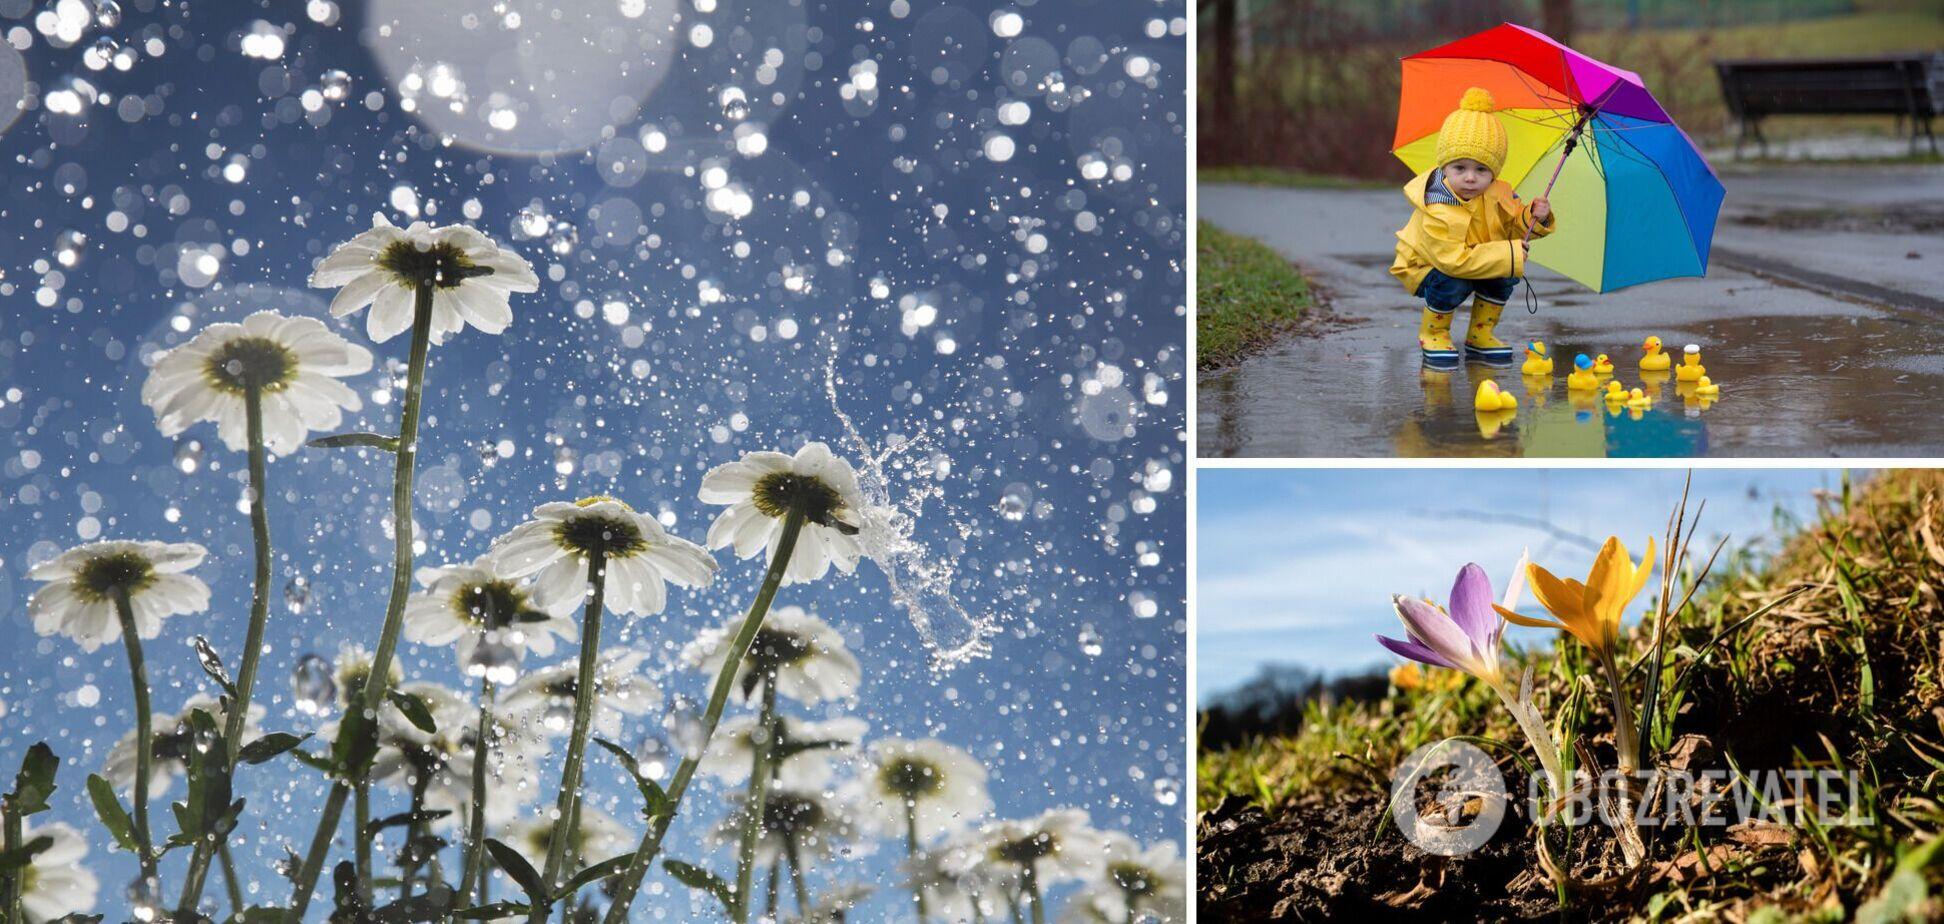 В Украине ухудшится погода: два циклона принесут похолодание, дожди и мокрый снег